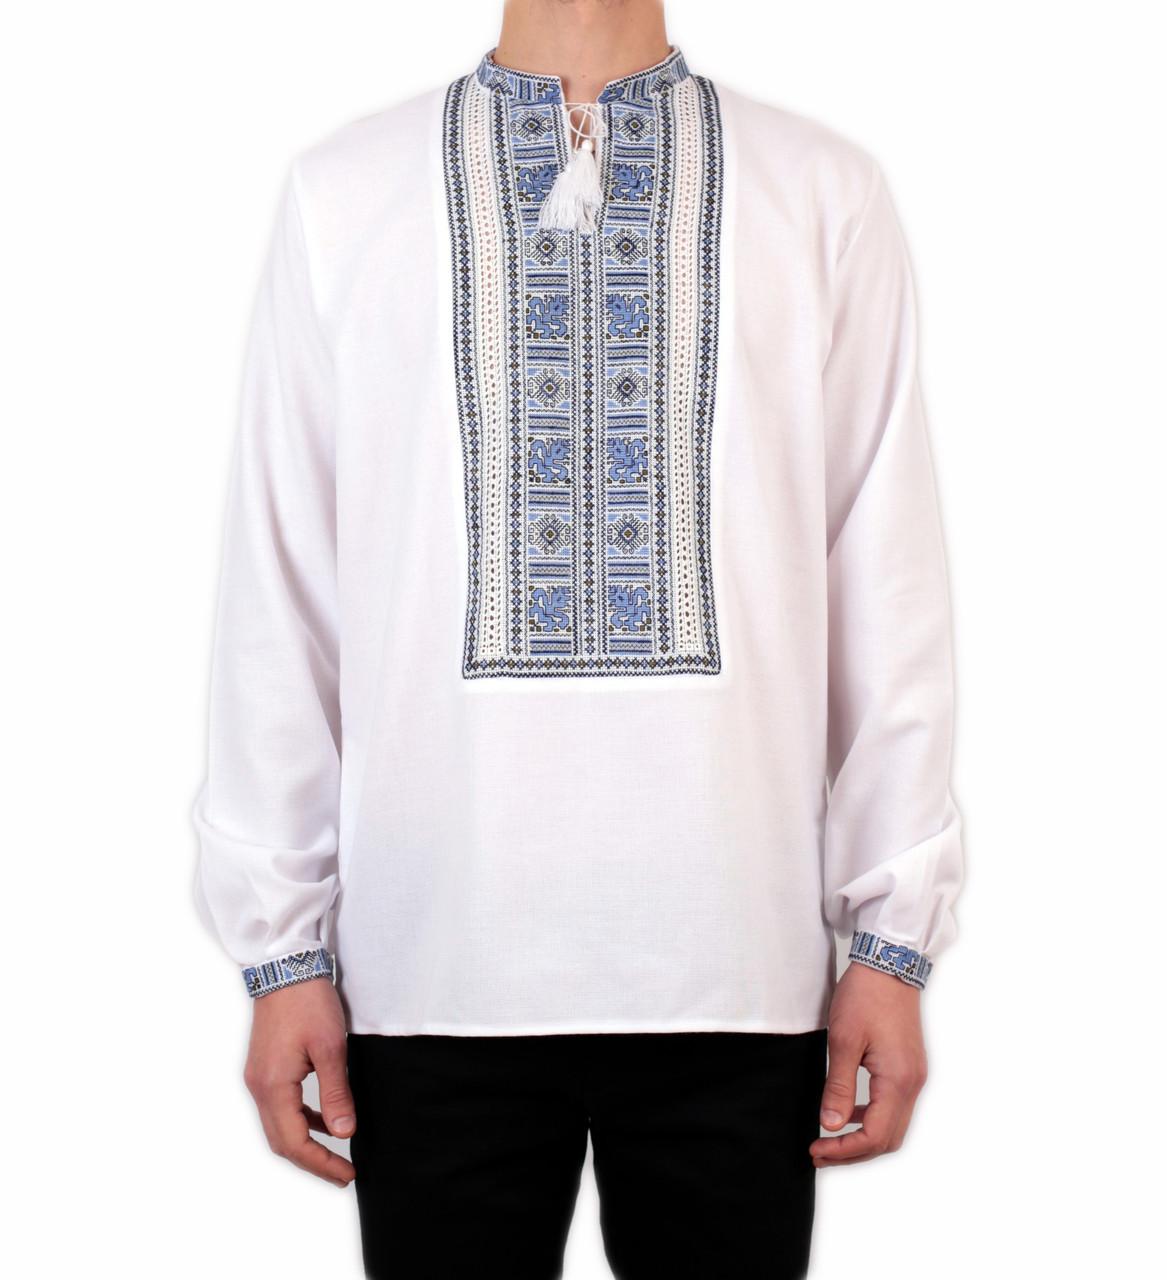 Біла чоловіча вишиванка на довгий рукав з блакитним орнаментом ручної роботи на домотканому полотні